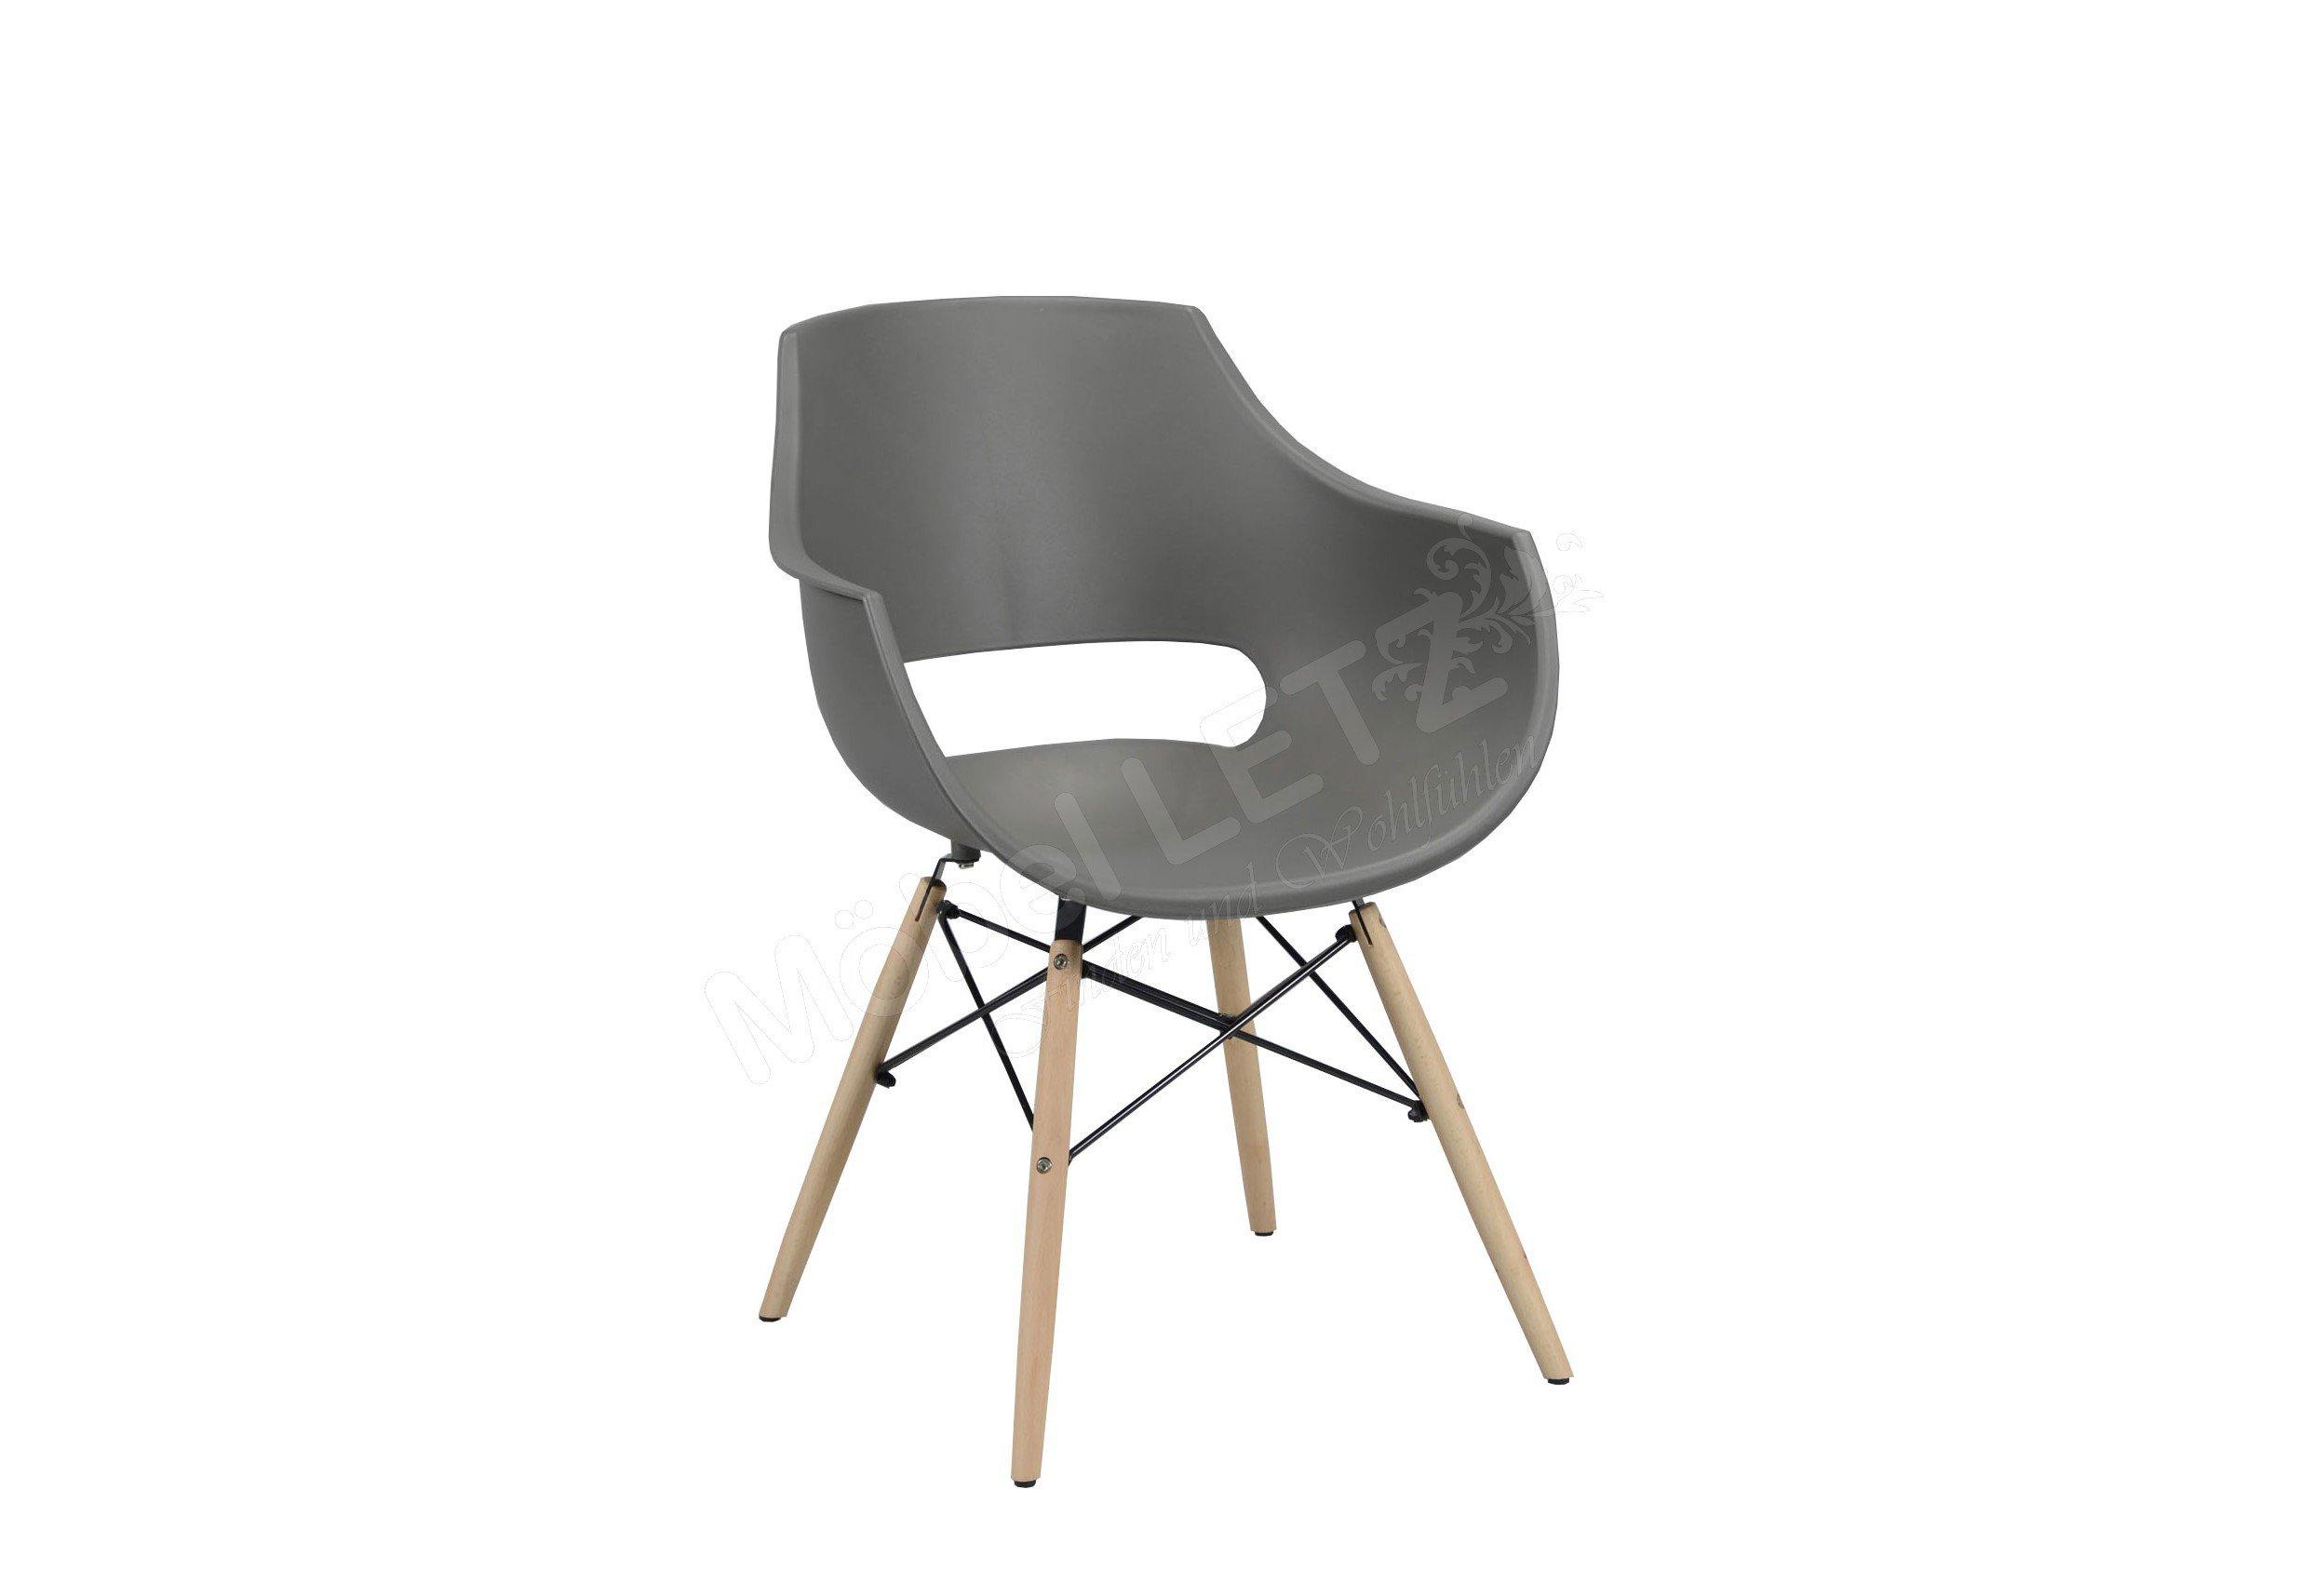 kunststoff mbel elegant stockfoto with kunststoff mbel elegant marries von zijlstra stuhl. Black Bedroom Furniture Sets. Home Design Ideas